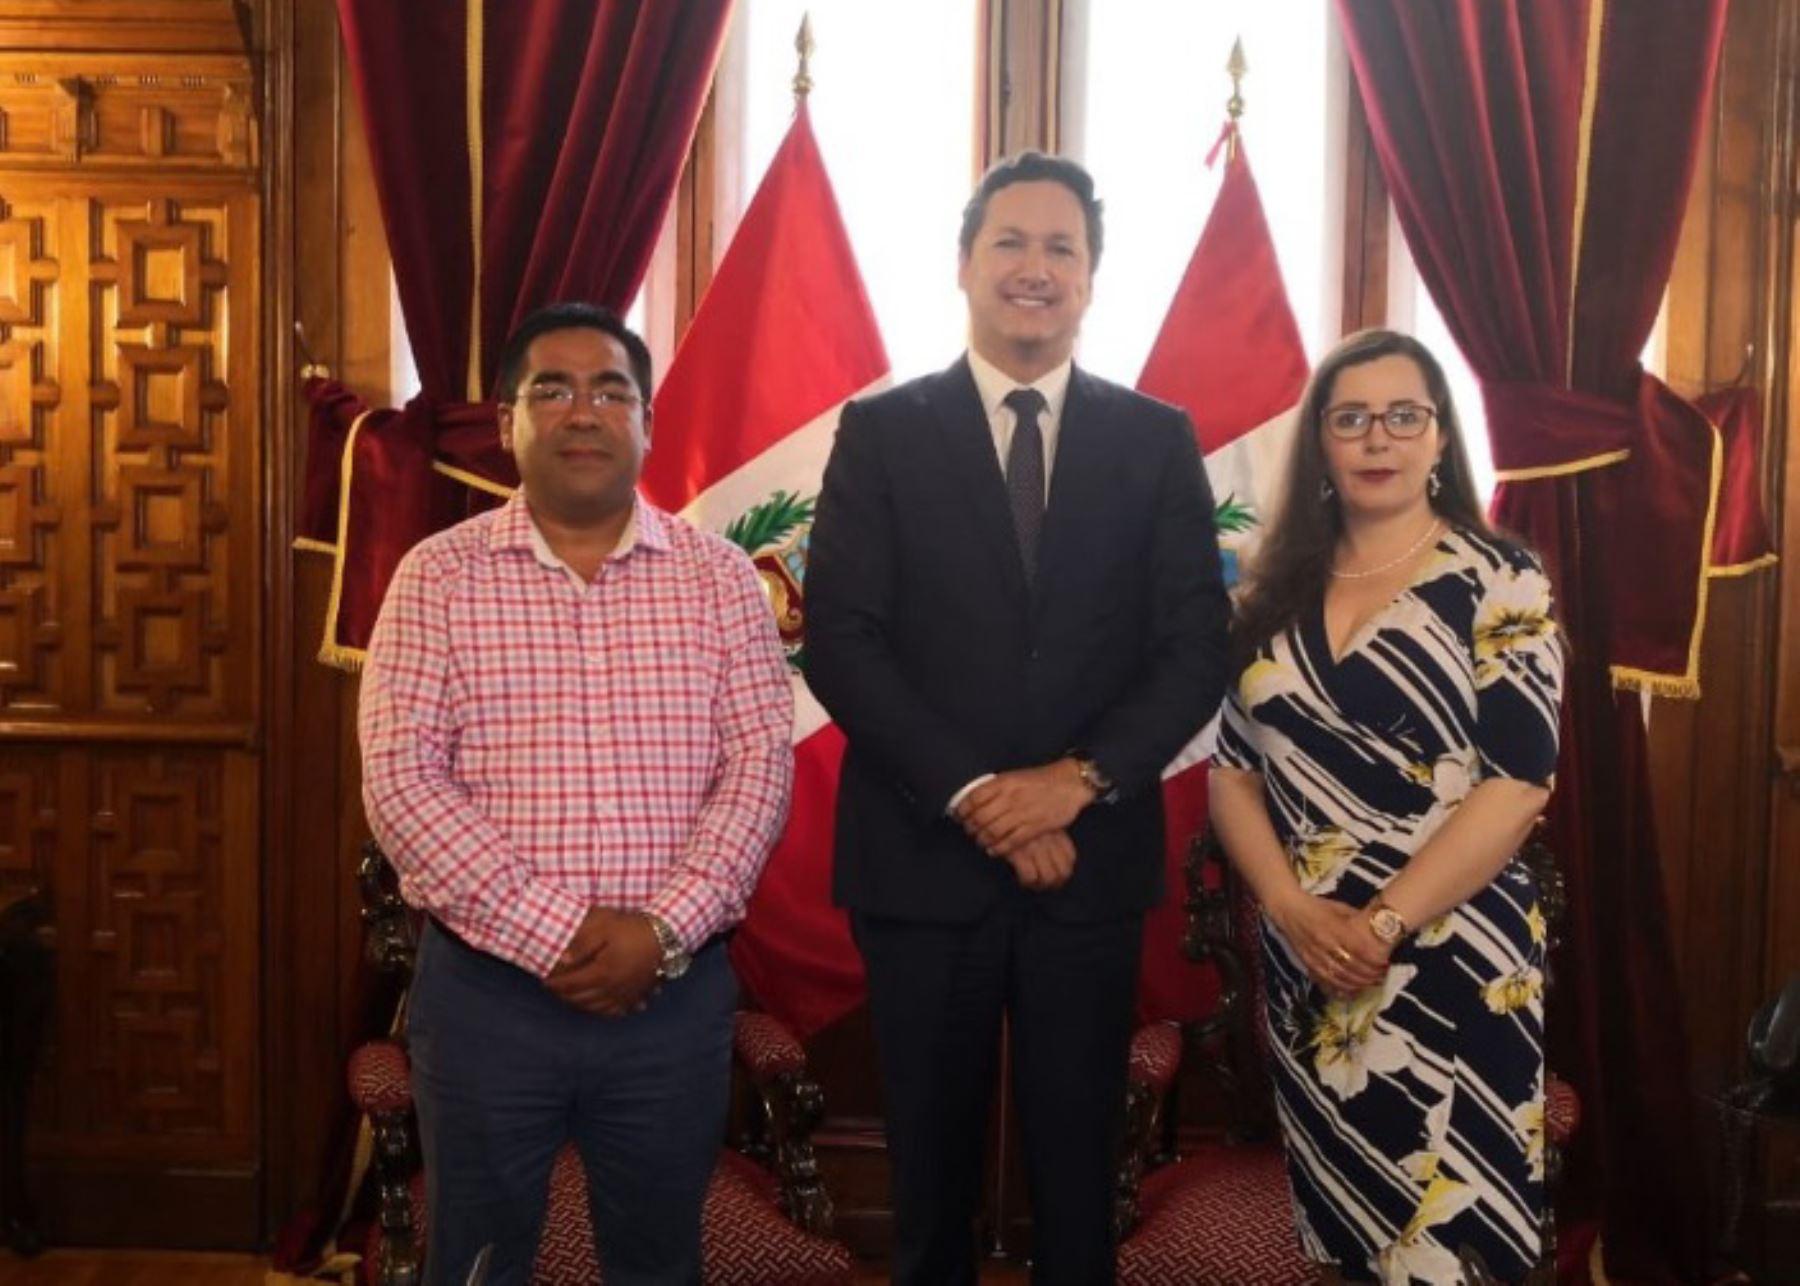 Presidente del Congreso, Daniel Salaverry, junto a parlamentarios Rosa Bartra y Alberto Oliva.